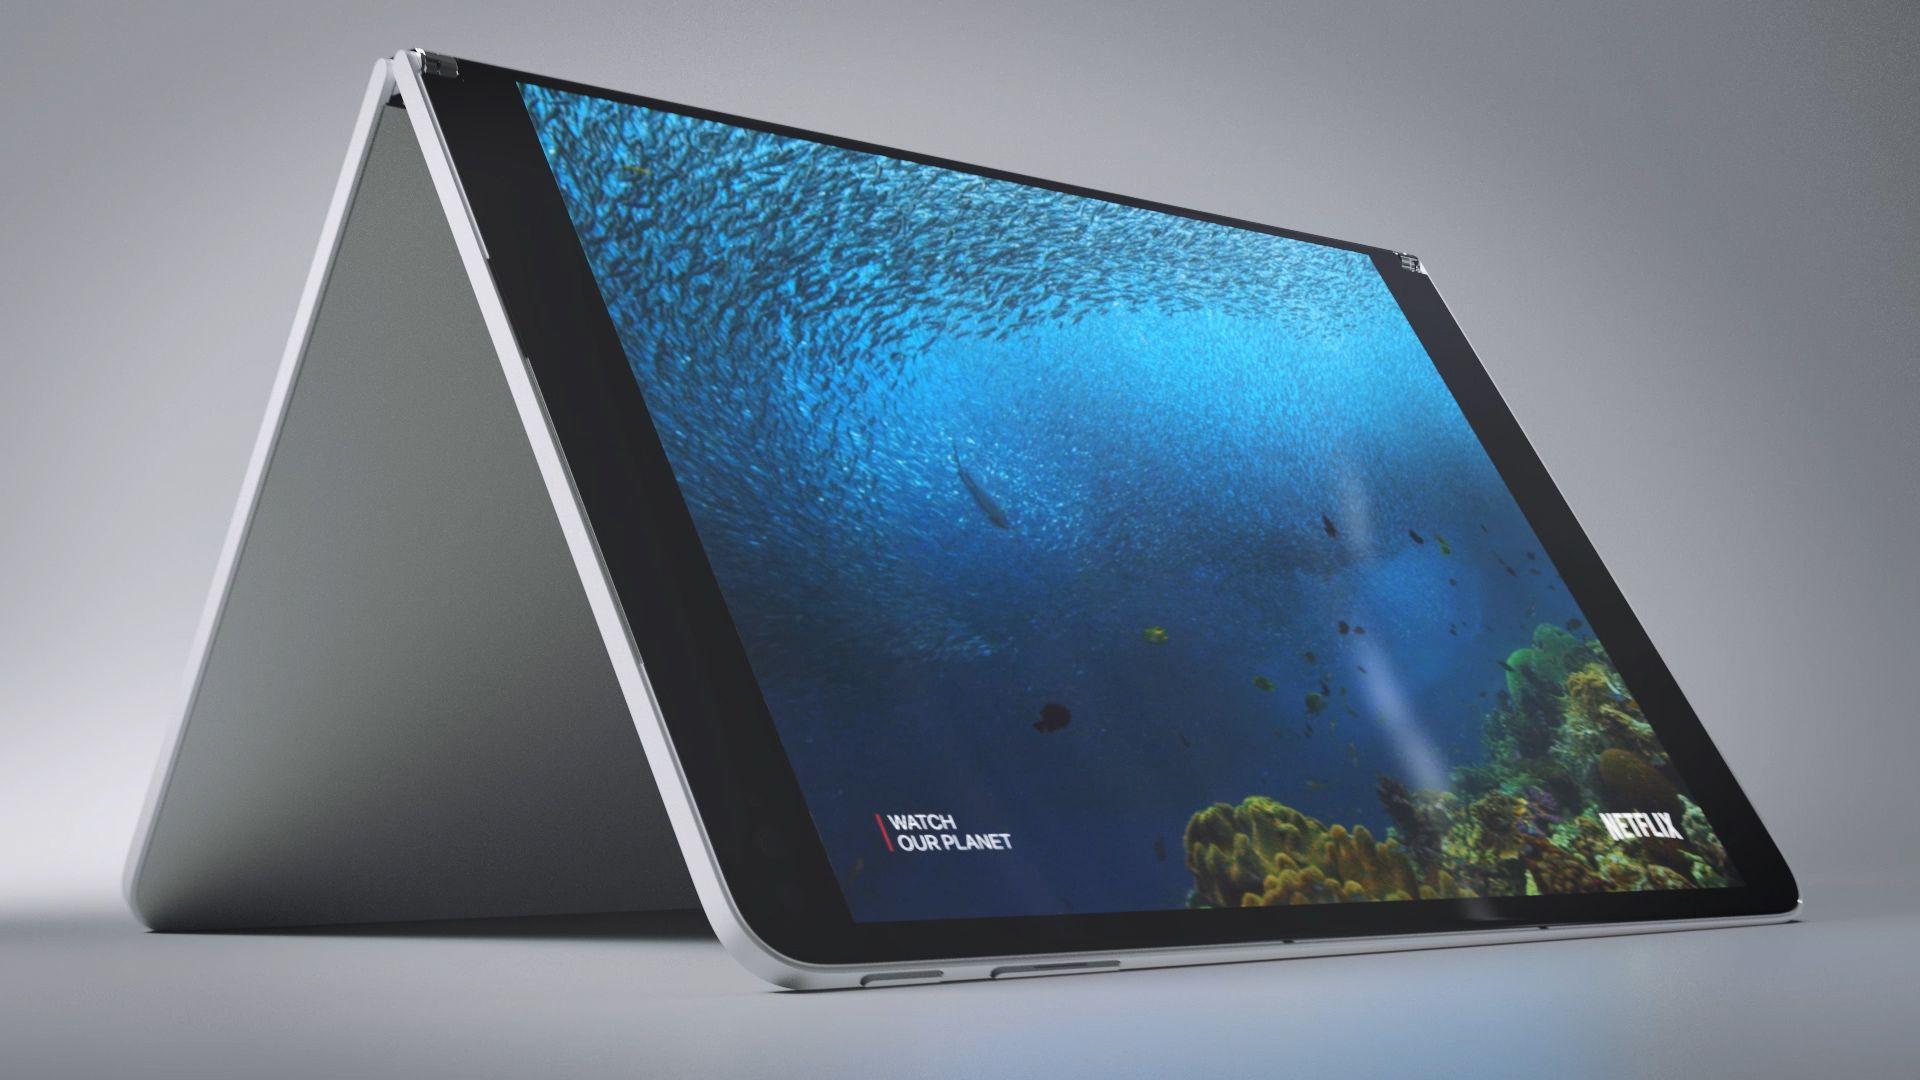 Das Surface Neo steht aufgeklappt auf einer Oberfläche und zeigt einen Film auf einem Bildschirm